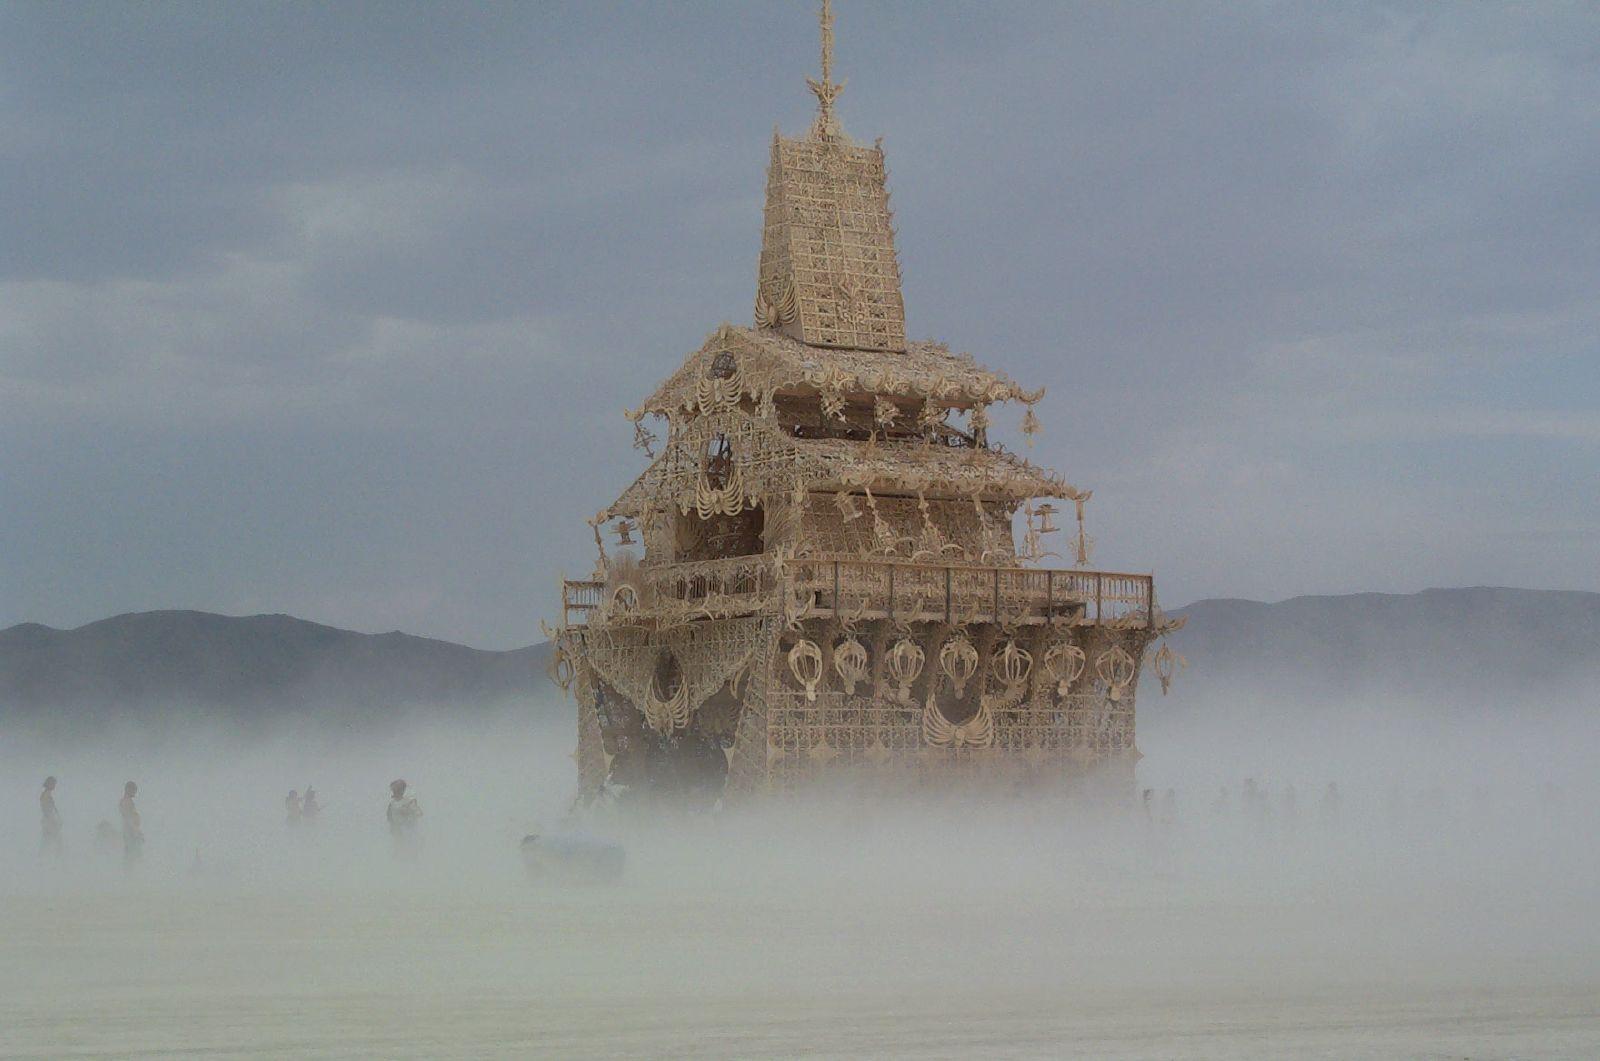 temple-of-joy-by-david-best_384428817_o.jpg